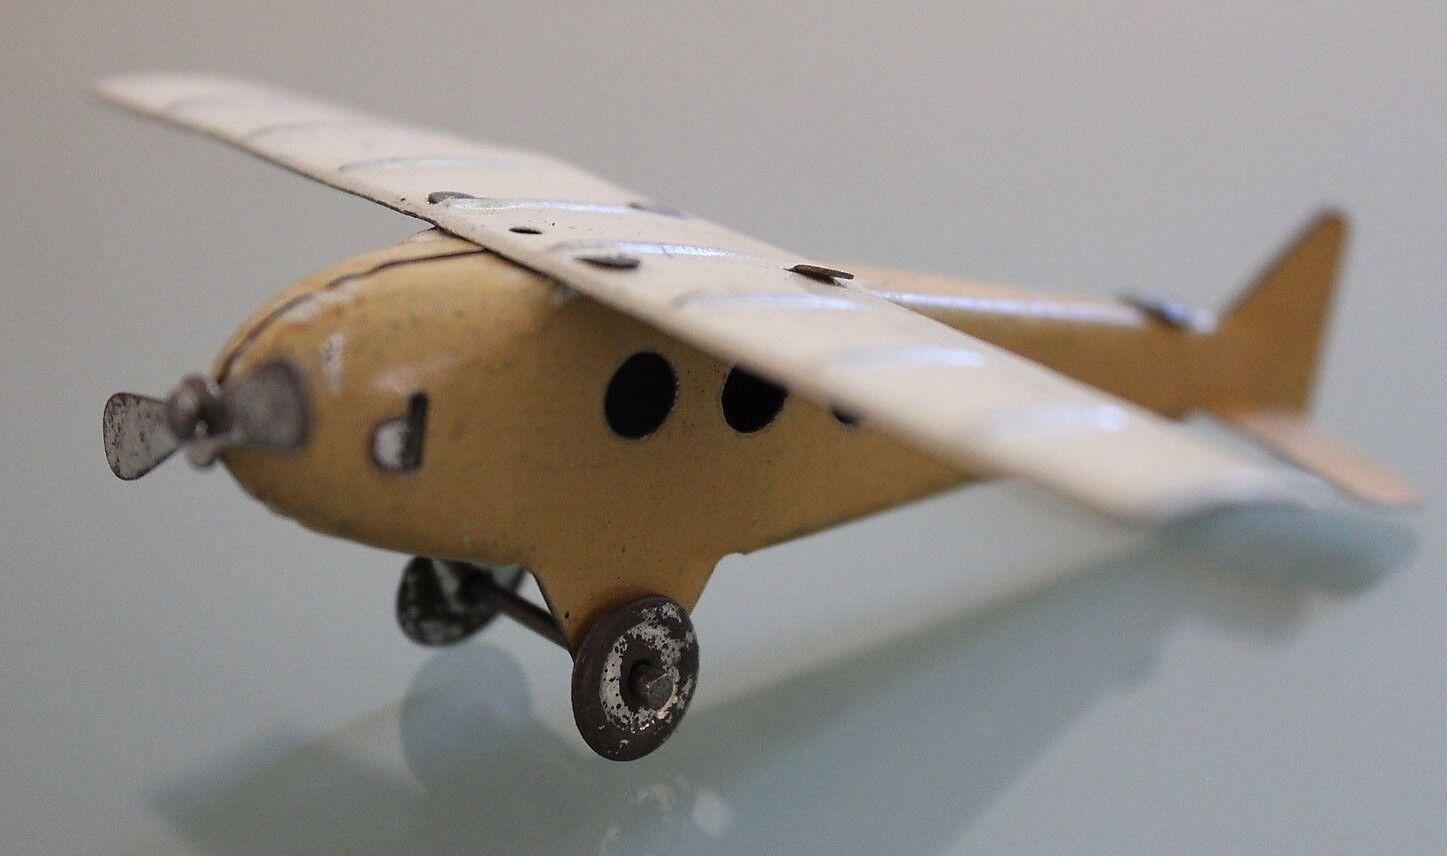 Spielzeug Antik Datenblatt Flugzeug Penny Toy 10 cm Zweifarbig Jahre 50